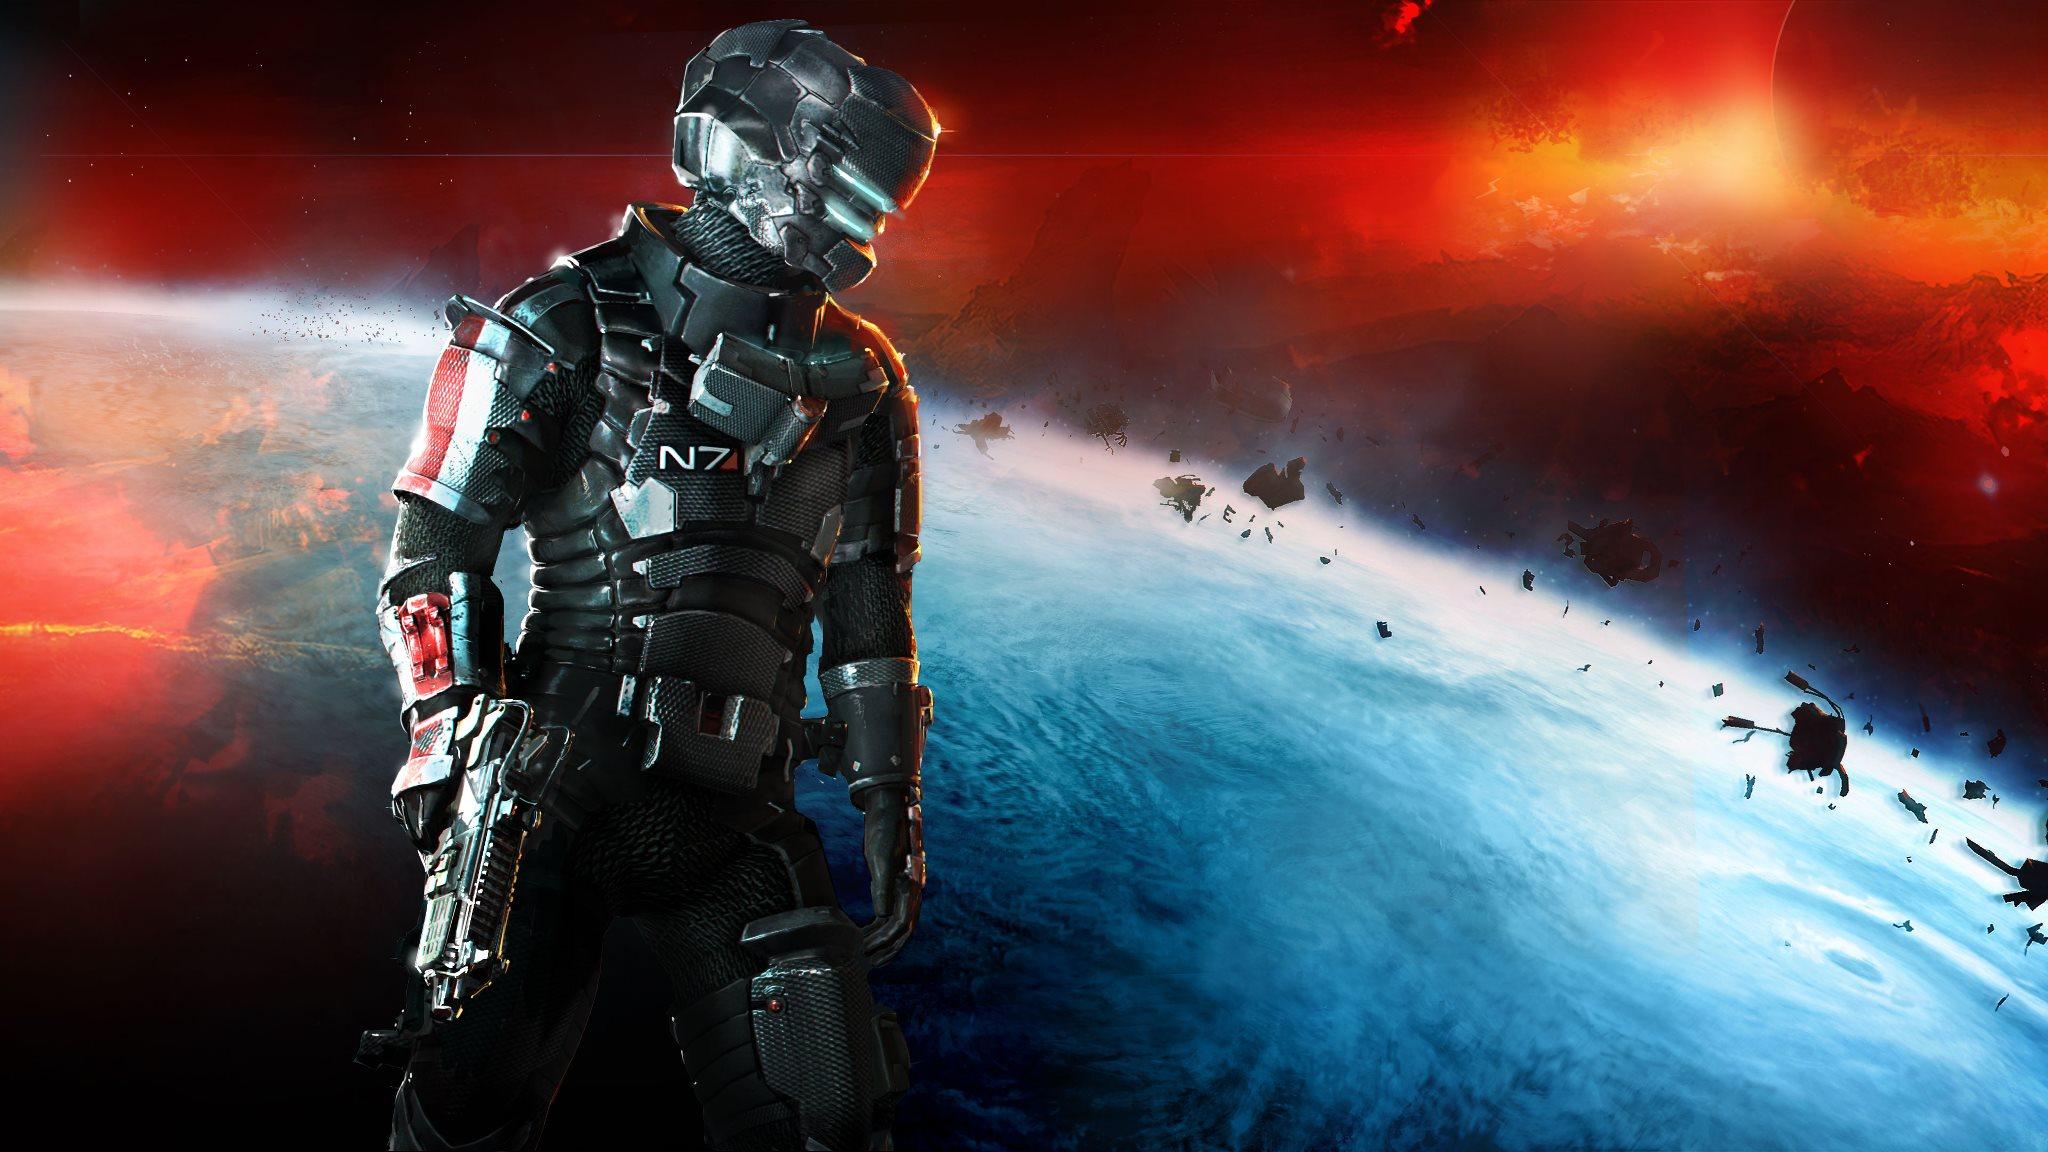 Si tienes Mass Effect 3 puedes jugar con la armadura N7 en Dead Space 3 [Vídeo]